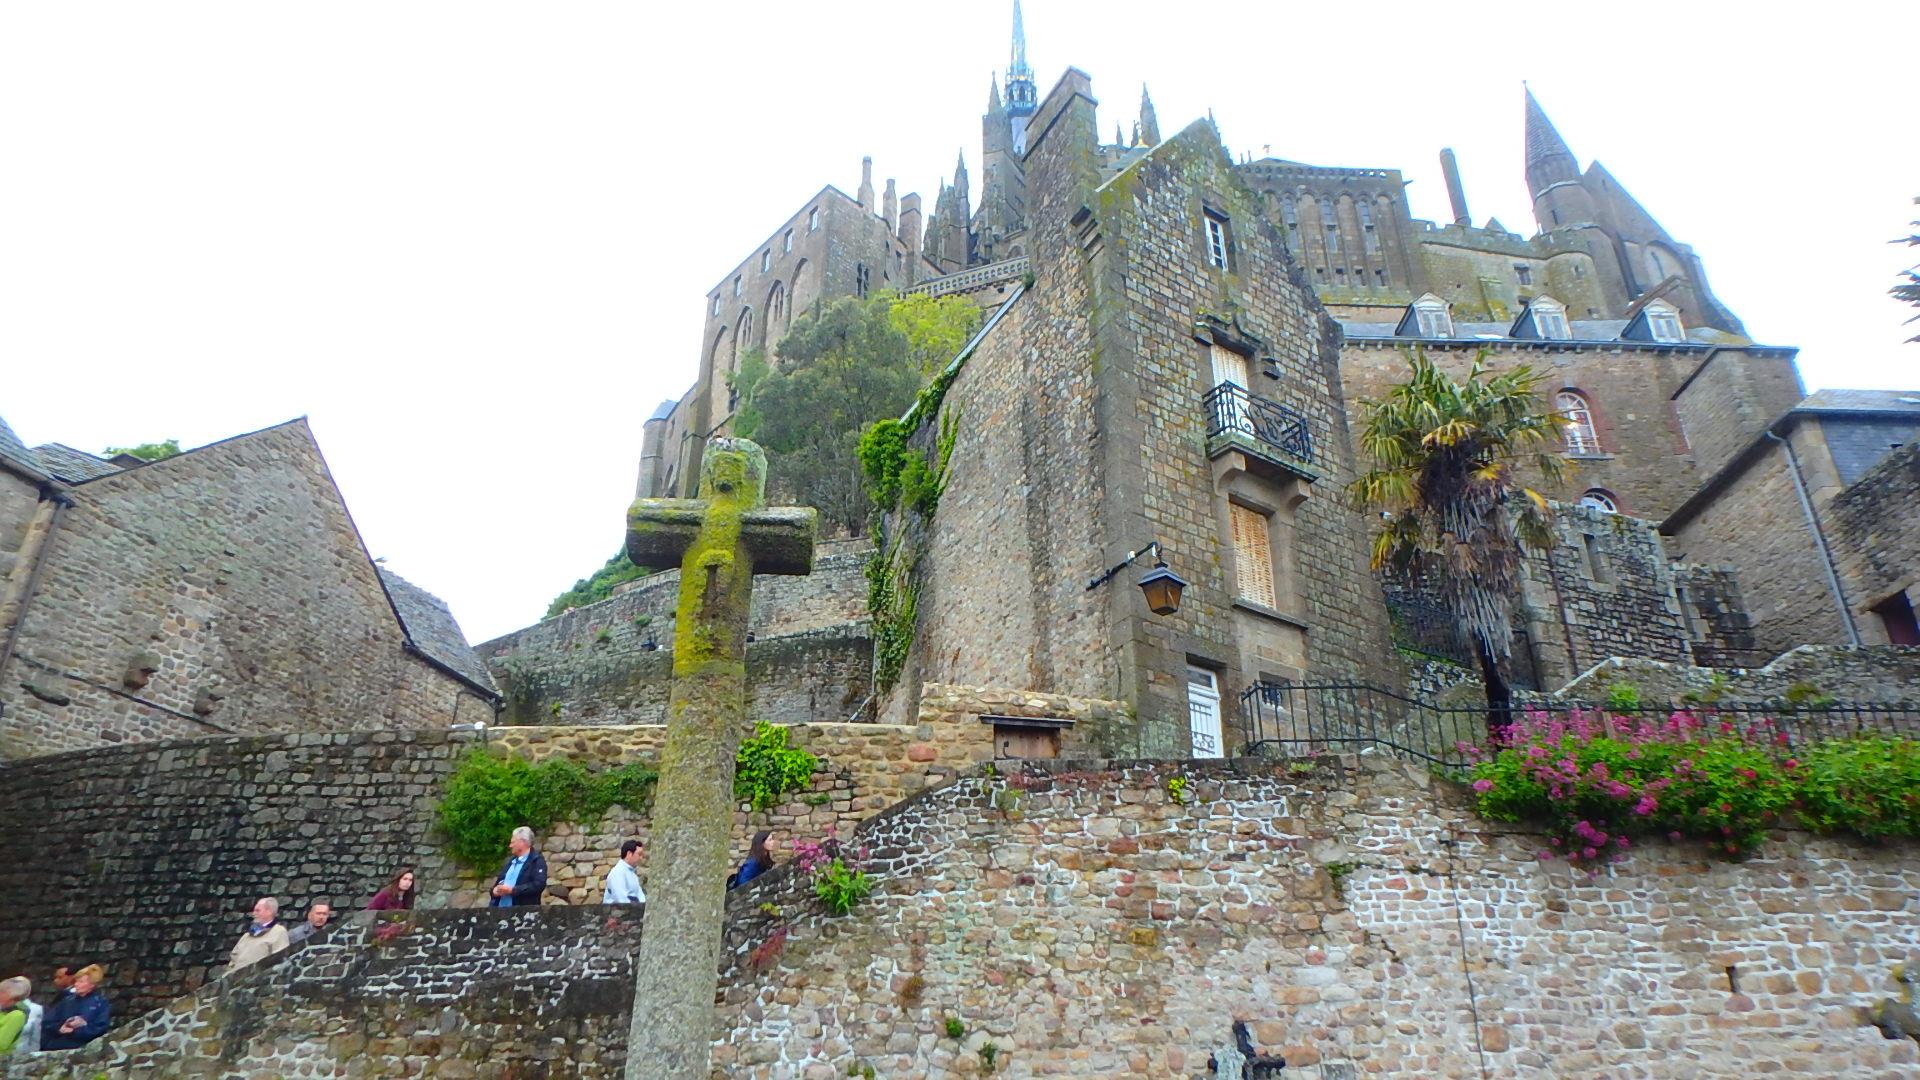 モンサンミッシェル修道院に向かって登る階段